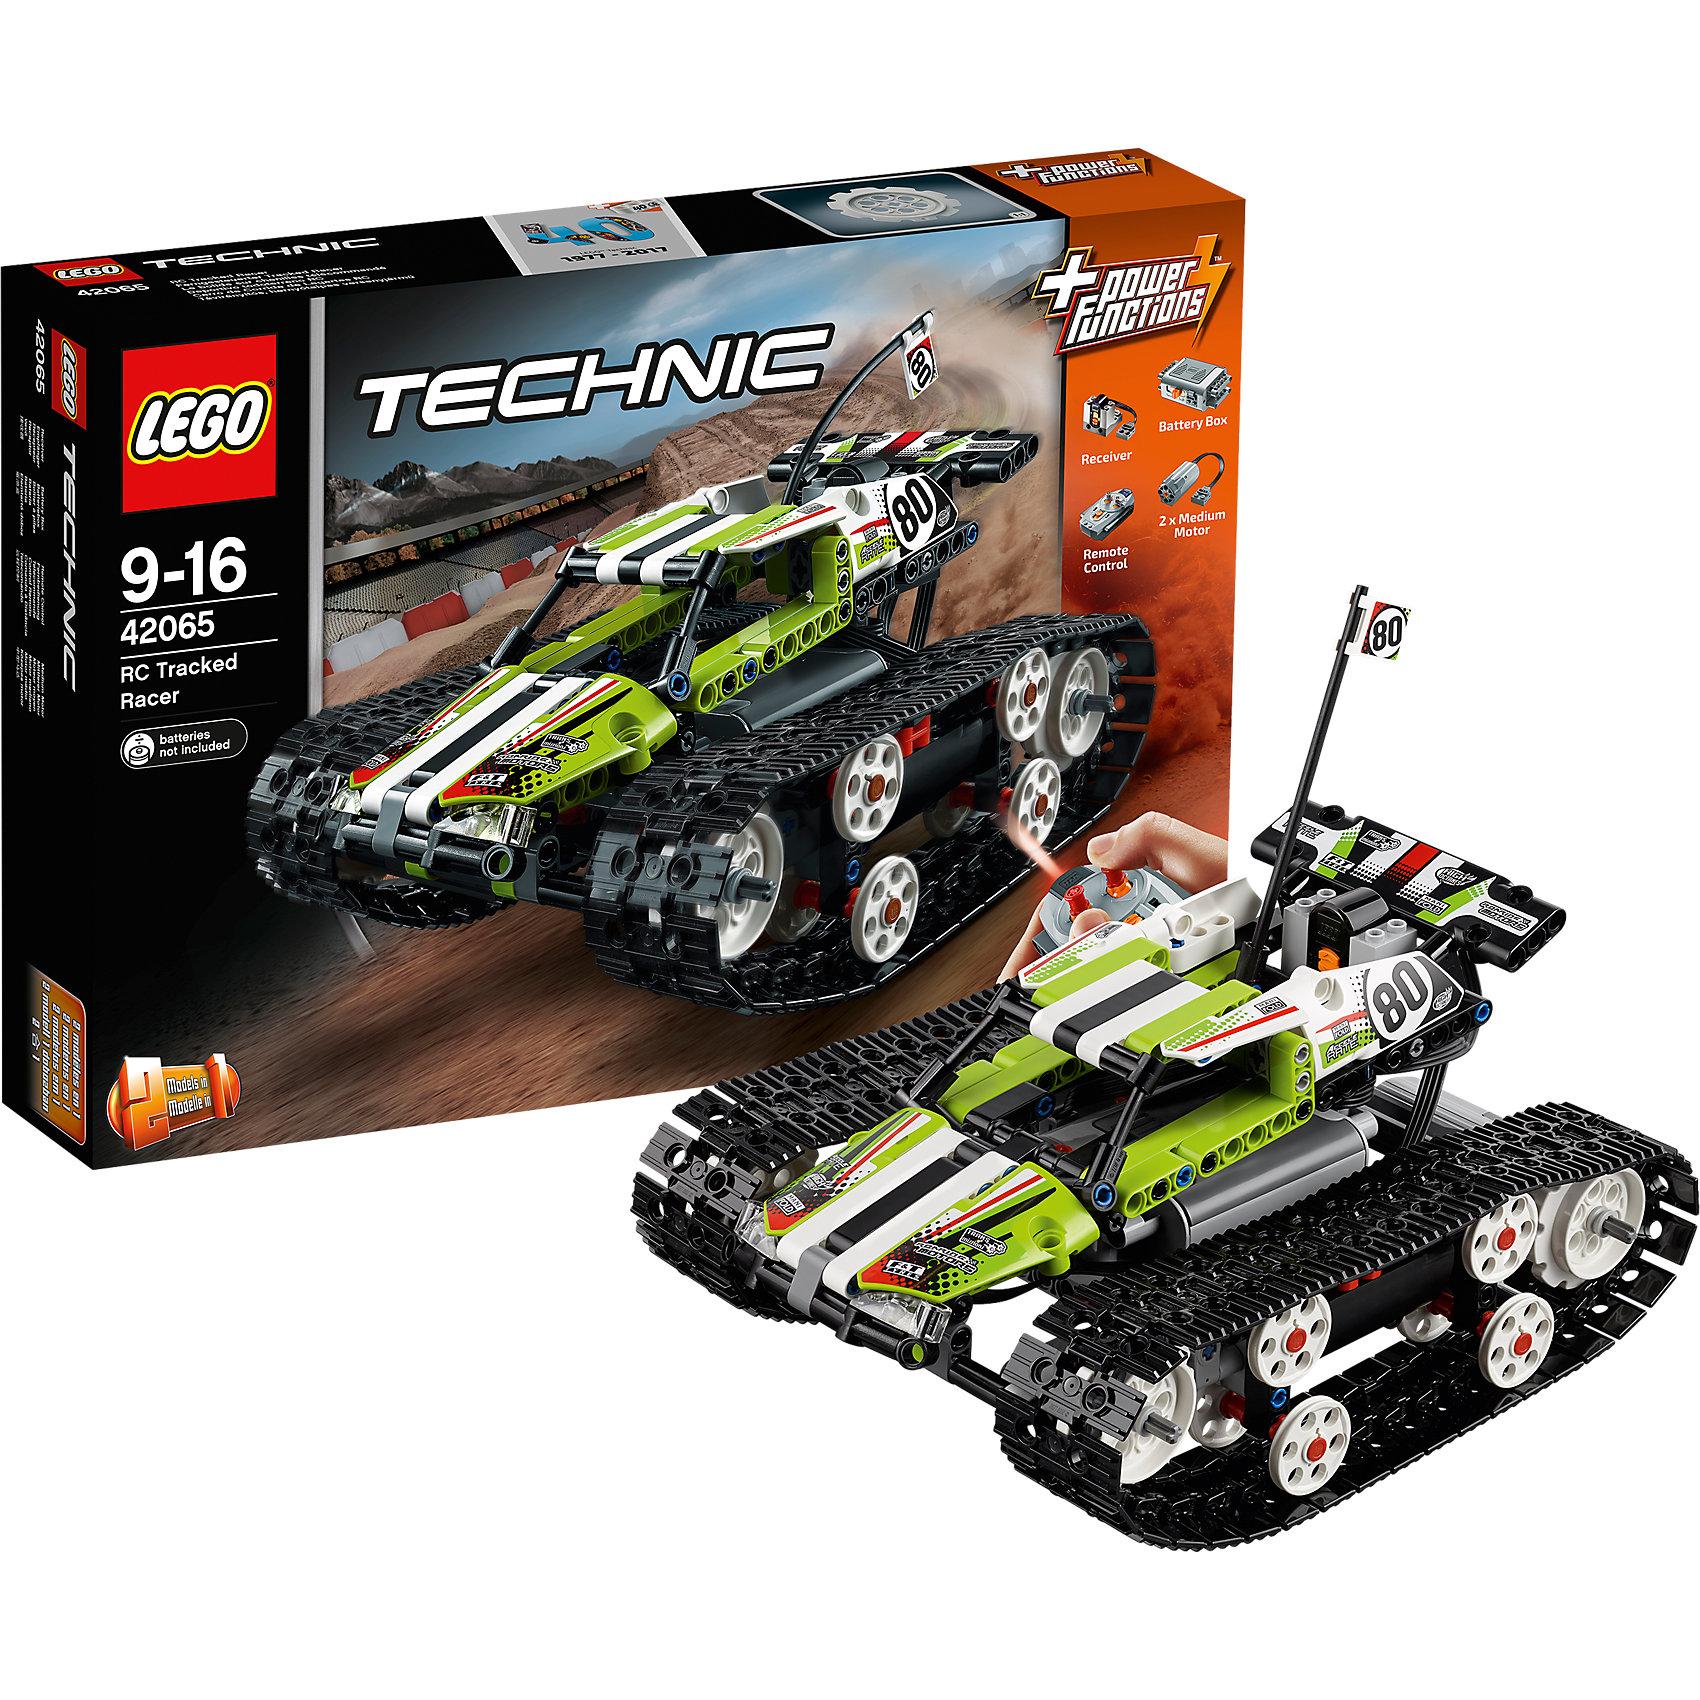 LEGO Technic 42065: Скоростной вездеход с ДУПластмассовые конструкторы<br>LEGO Technic 42065: Скоростной вездеход с ДУ<br><br>Характеристики:<br><br>- в набор входит: детали вездехода, наклейки, инструкция по сборке<br>- состав: пластик<br>- количество деталей: 370<br>- приблизительное время сборки: 40 мин.<br>- размер упаковки: 38 * 7 * 26 см.<br>- размер вездехода: 22,5 * 16,5 * 17,5 см.<br>- для детей в возрасте: от 9 до 16 лет<br>- Страна производитель: Дания/Китай/Чехия<br><br>Легендарный конструктор LEGO (ЛЕГО) представляет серию «Technic», которая бросает вызов уже опытным строителям ЛЕГО. Ваш ребенок может строить продвинутые модели с реальными функциями, такими как коробки передач и системы рулевого управления. <br><br>В набор включена уникальная деталь, посвященная сорокалетию серии. Наслаждайтесь строительством нового реалистичного вездехода на пульте управления. Гусеницы управляются с помощью двух отдельных моторчиков и управляются двумя различными переключателями, сам вездеход становится очень маневренным и может вращаться вокруг своей оси. Радиус действия пульта управления – до 3-х метров. Яркие наклейки и спортивный гоночный цвет добавляют реалистичности модели, ее можно перестроить в другую модель вездехода, обе модели имеют объемные интерактивные инструкции на вебсайте ЛЕГО.<br><br>Играя с конструктором ребенок развивает моторику рук, воображение и логическое мышление, научится собирать по инструкции и создавать свои модели. Принимайте новые вызовы по сборке моделей и придумывайте новые истории с набором LEGO «Technic»!<br><br>Конструктор LEGO Technic 42065: Скоростной вездеход с ДУ можно купить в нашем интернет-магазине.<br><br>Ширина мм: 383<br>Глубина мм: 263<br>Высота мм: 76<br>Вес г: 811<br>Возраст от месяцев: 108<br>Возраст до месяцев: 192<br>Пол: Мужской<br>Возраст: Детский<br>SKU: 5002540